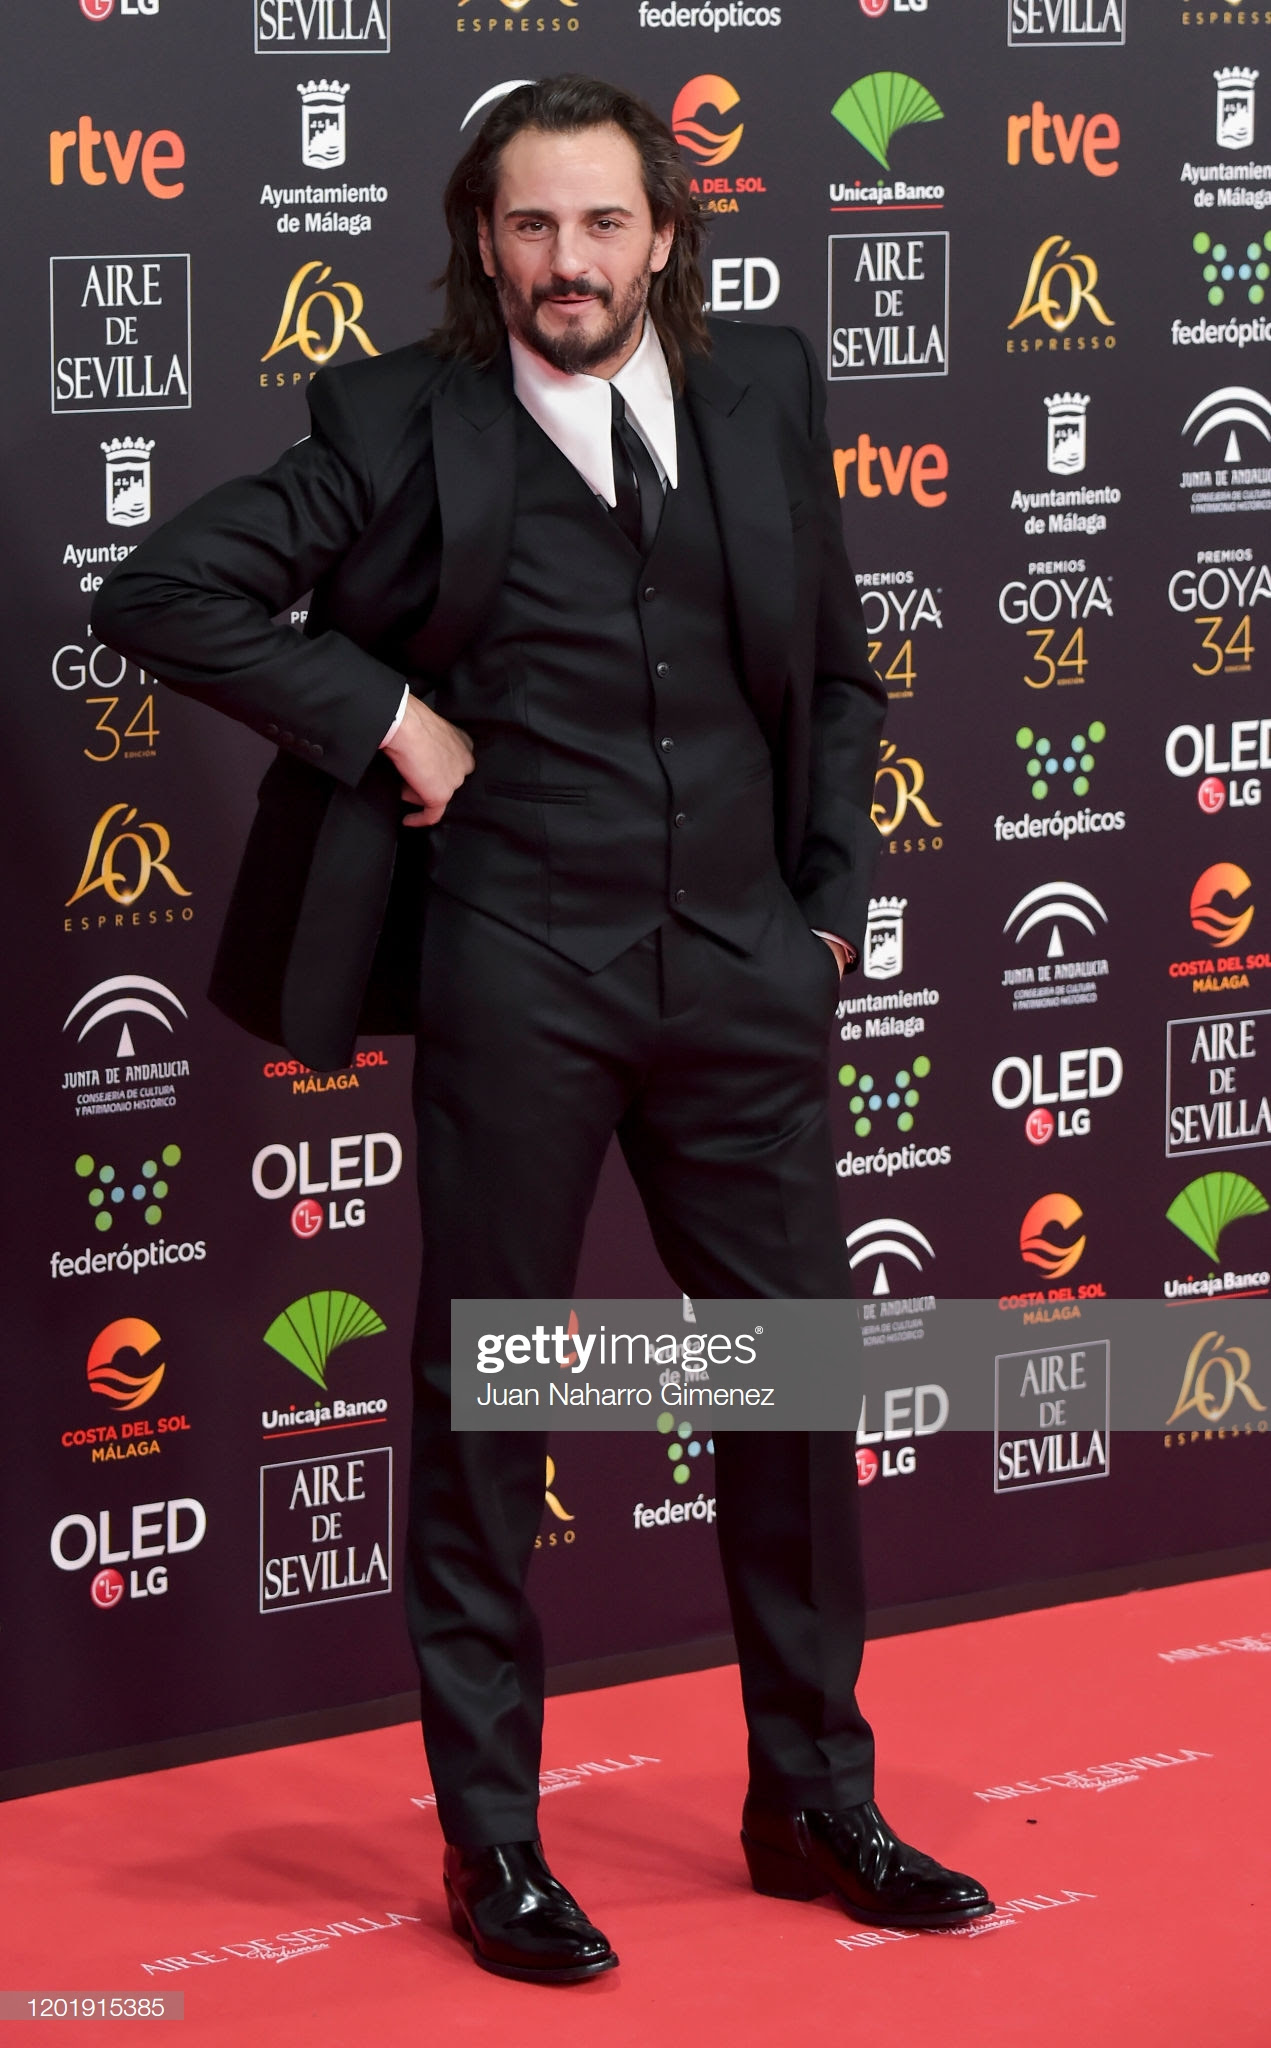 339f479b 00e0 45f0 b445 f24d3d07a1db - Premios Goya 2020 : Looks de todas las celebrities que lucieron  marcas de Replica